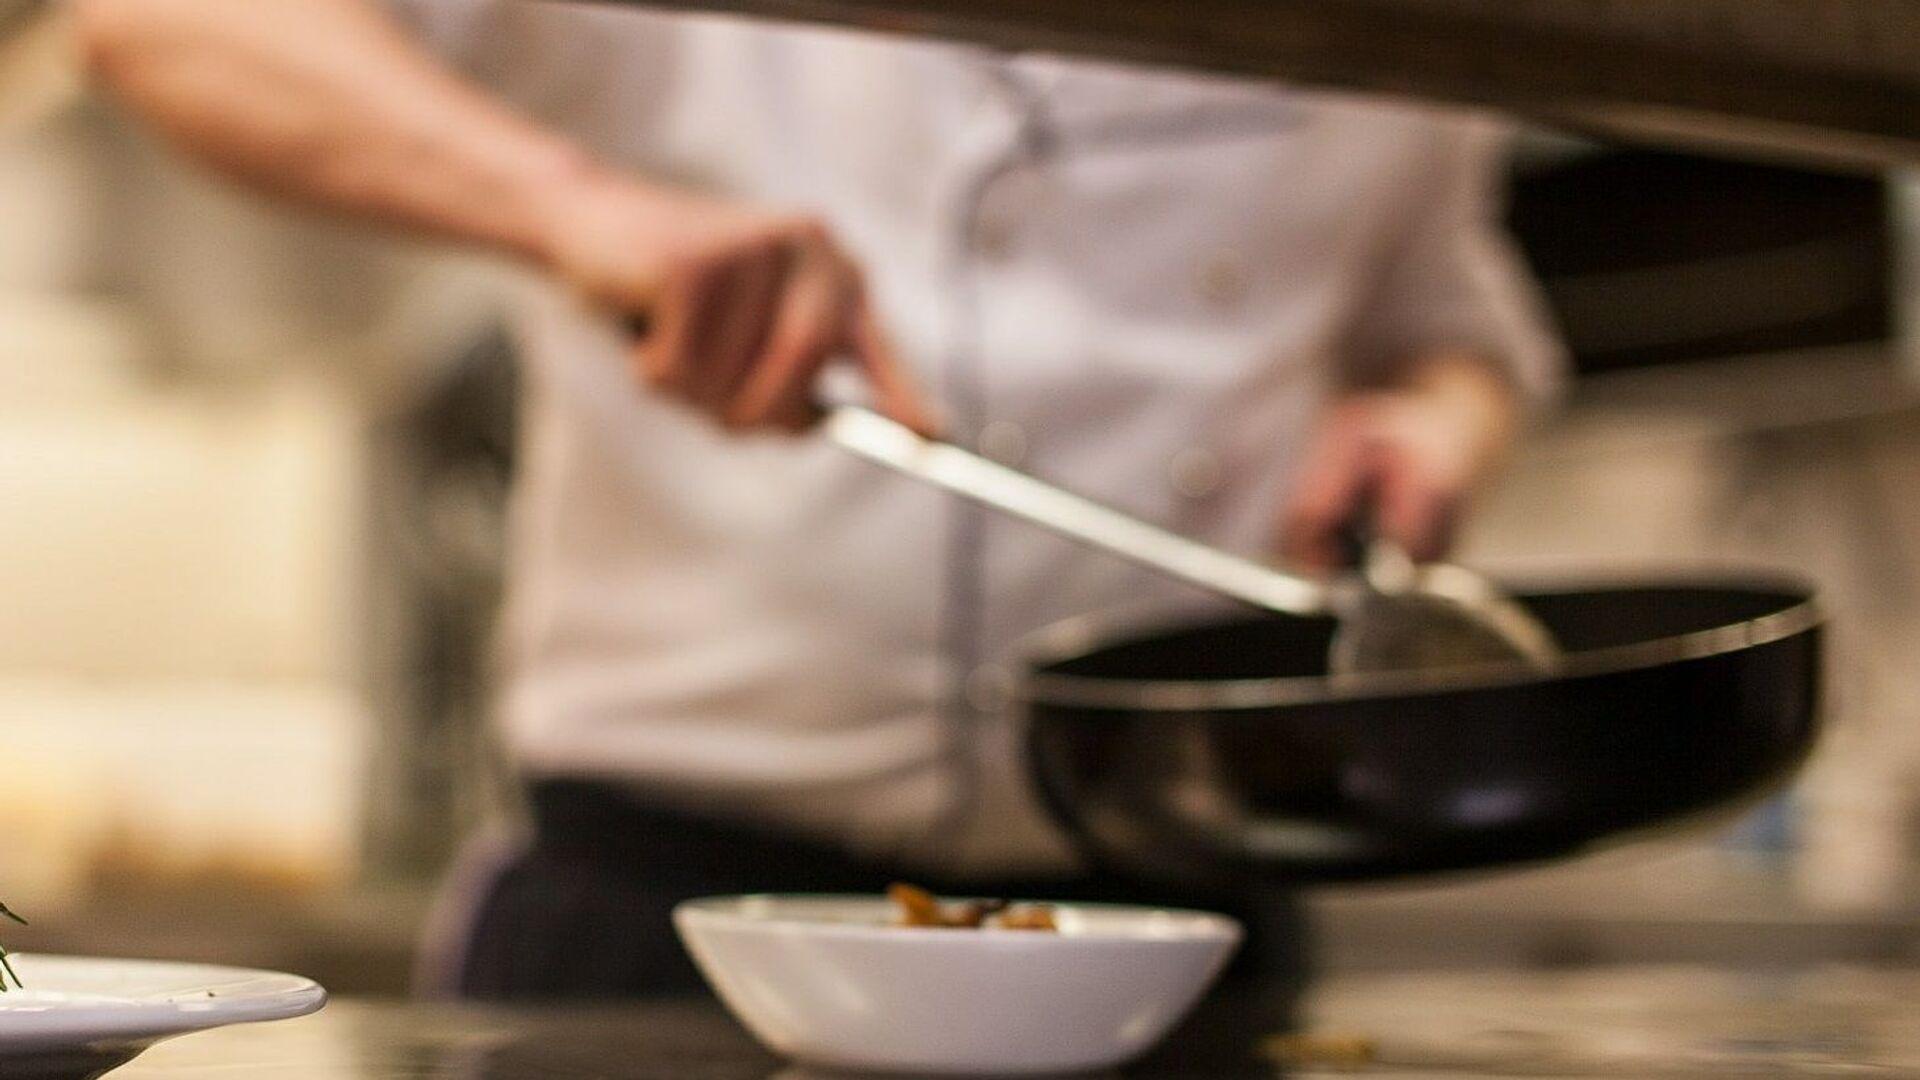 Κουζίνα εστιατορίου - Sputnik Ελλάδα, 1920, 22.09.2021